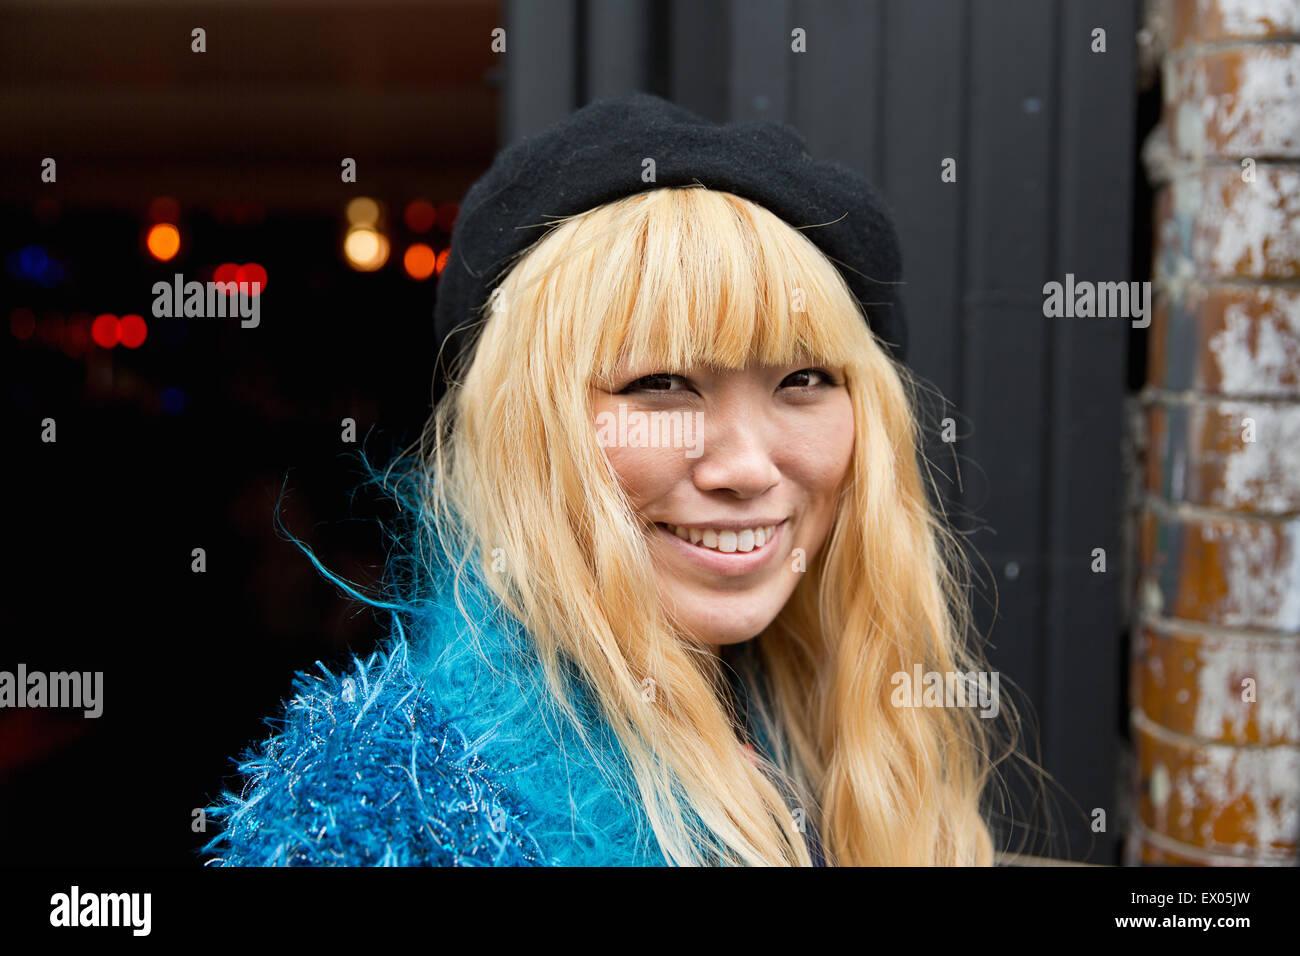 Porträt von Mitte erwachsenen Frau in blauen pelzigen top Stockbild